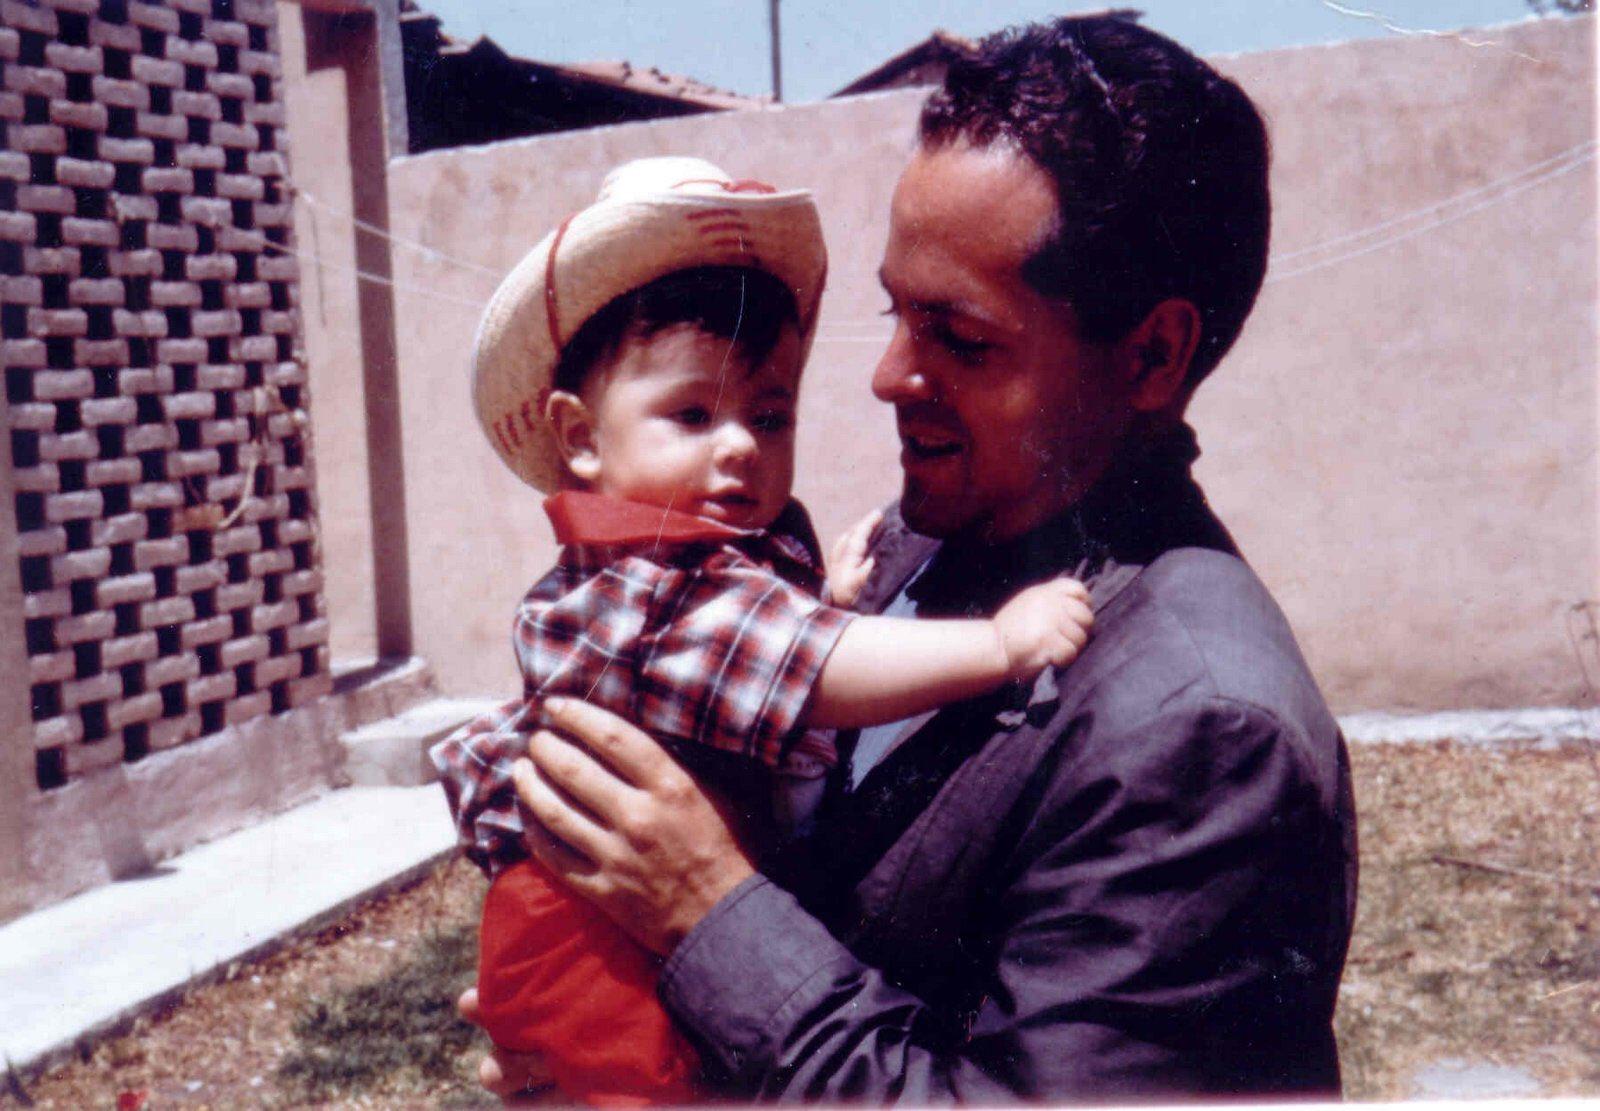 Te extraño todos los días. Te amo, papá. https://t.co/Y8APRQqfmv